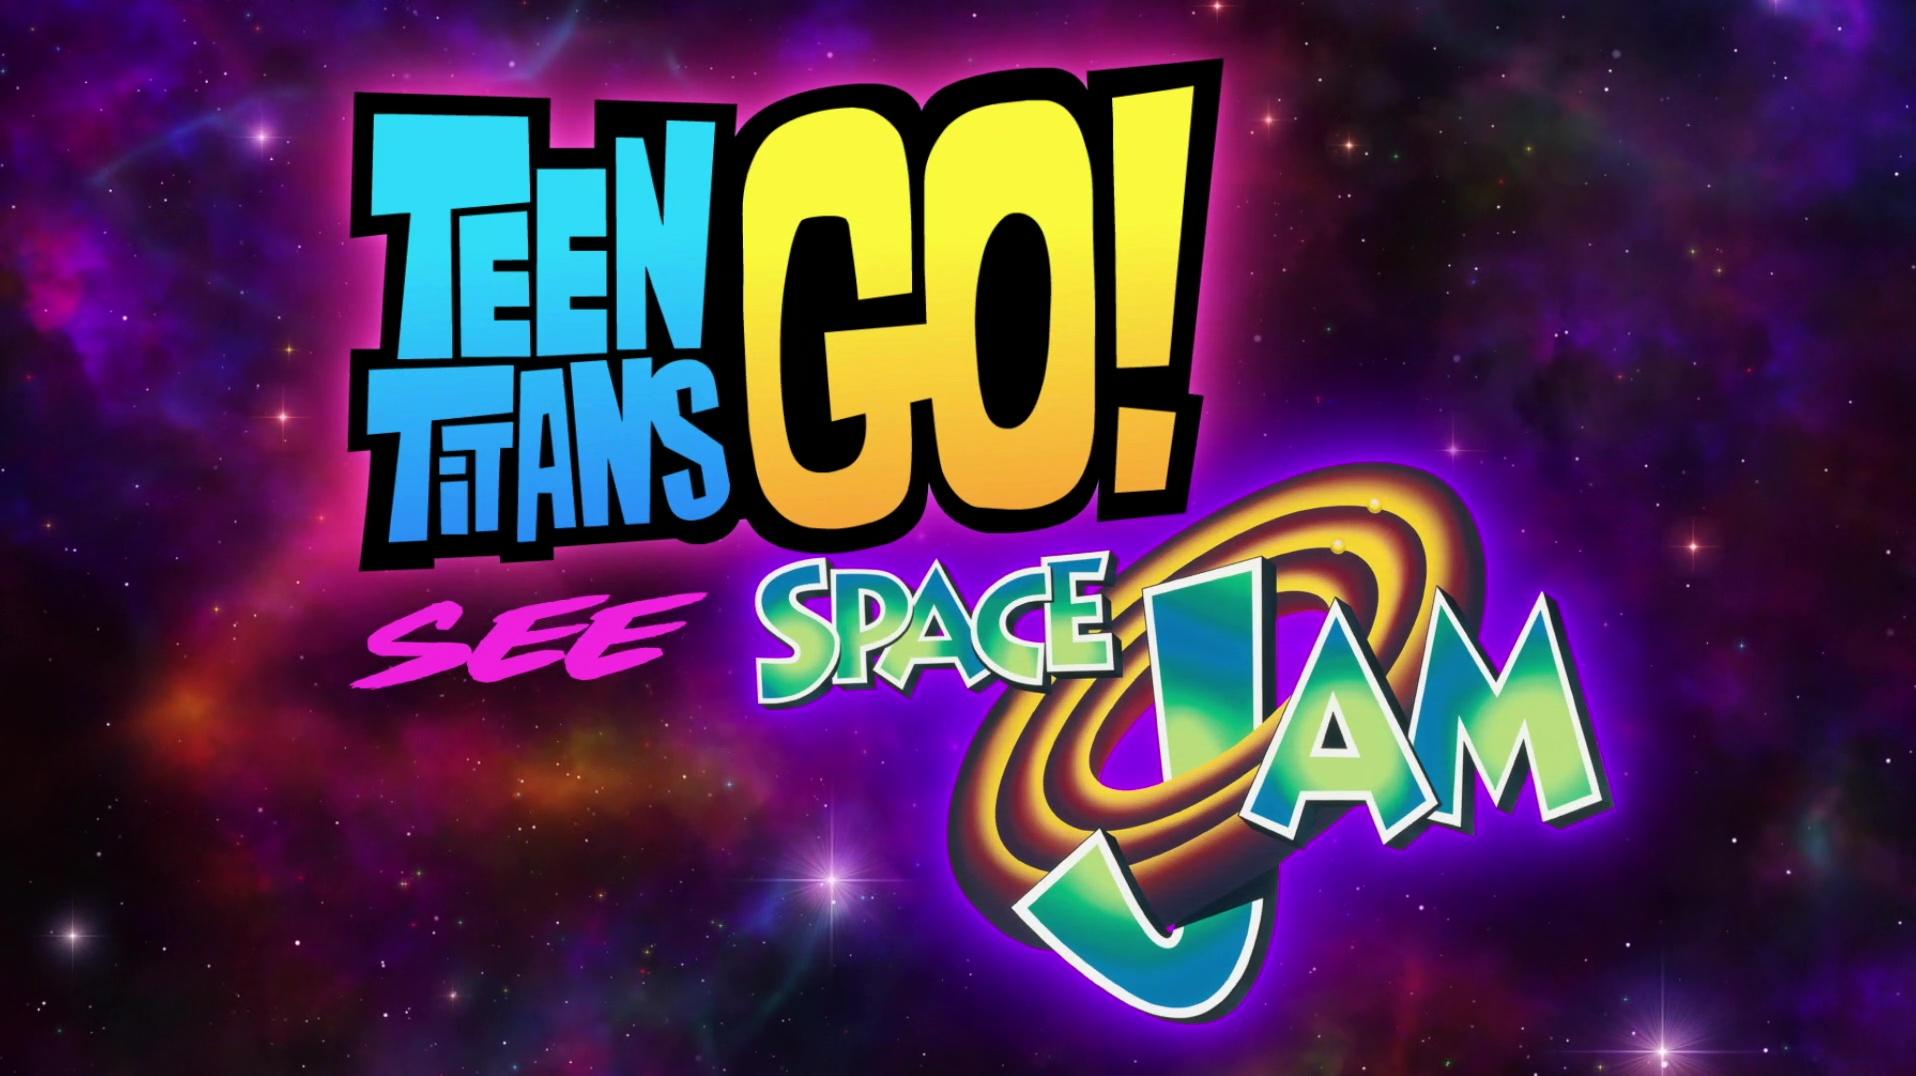 ¡Los Jóvenes Titanes en Acción! ven Space Jam (2021) 1080p WEB-DL Latino